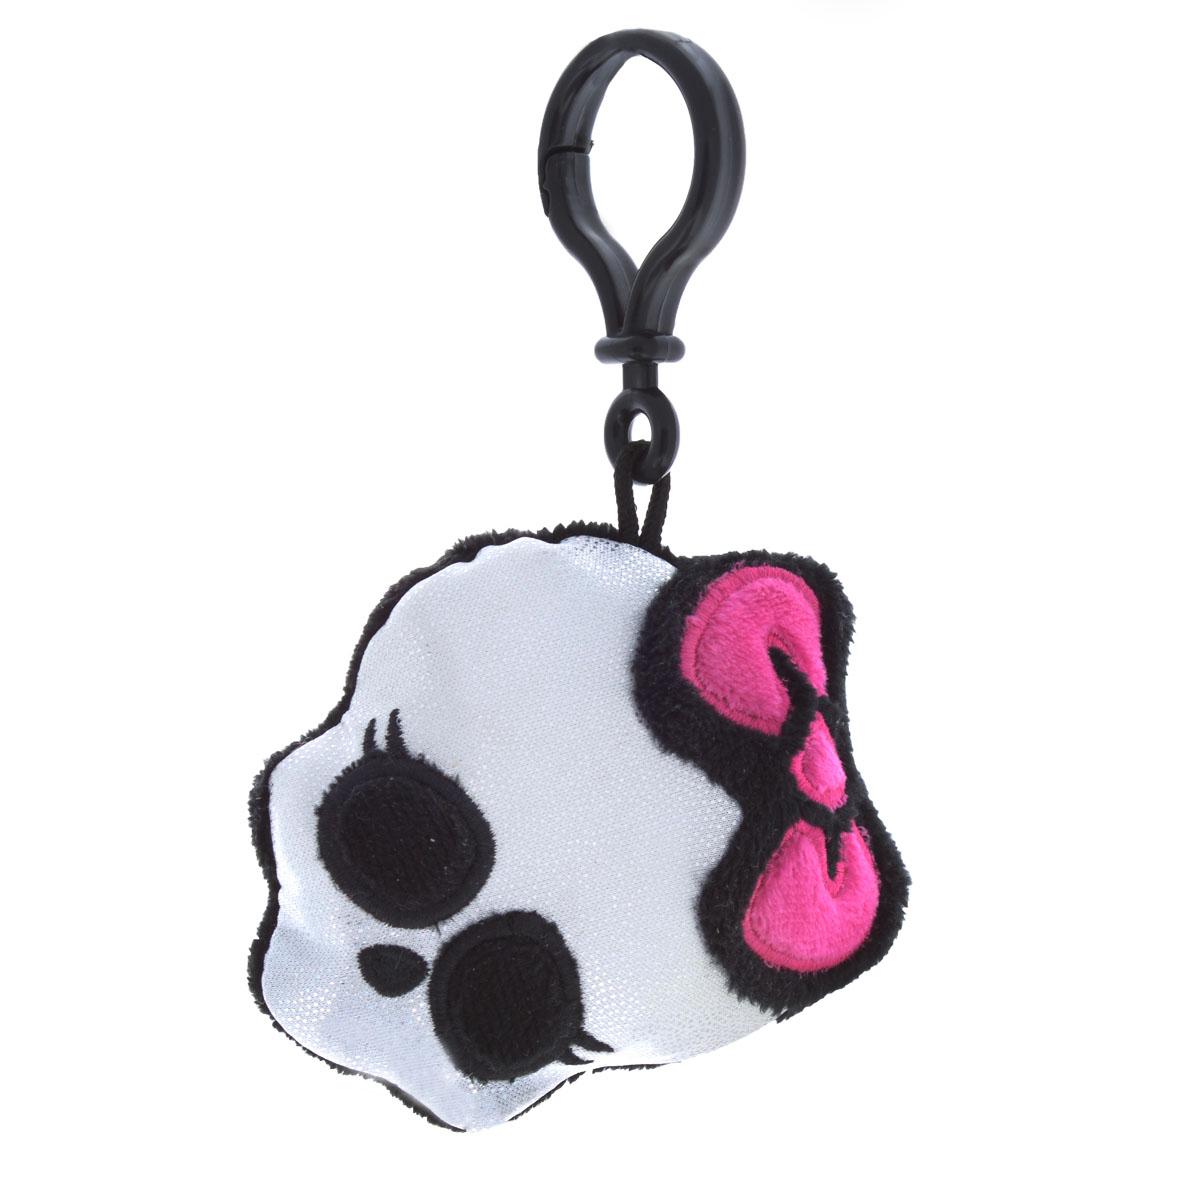 Мягкая игрушка-брелок Monster High Череп, цвет: серебристый, черный, розовый, 9 смТ05Прелестная мягкая игрушка-брелок Monster High Череп приведет в восторг вашего малыша! Брелок выполнен из приятного на ощупь текстильного материала в виде блестящего черепа с розовым бантиком. Пластиковый карабин позволит закрепить брелок на сумке. Прекрасное качество исполнения делают этот брелок чудесным подарком истинному поклоннику мультфильма Monster High (Школа Монстров). Порадуйте своего ребенка!